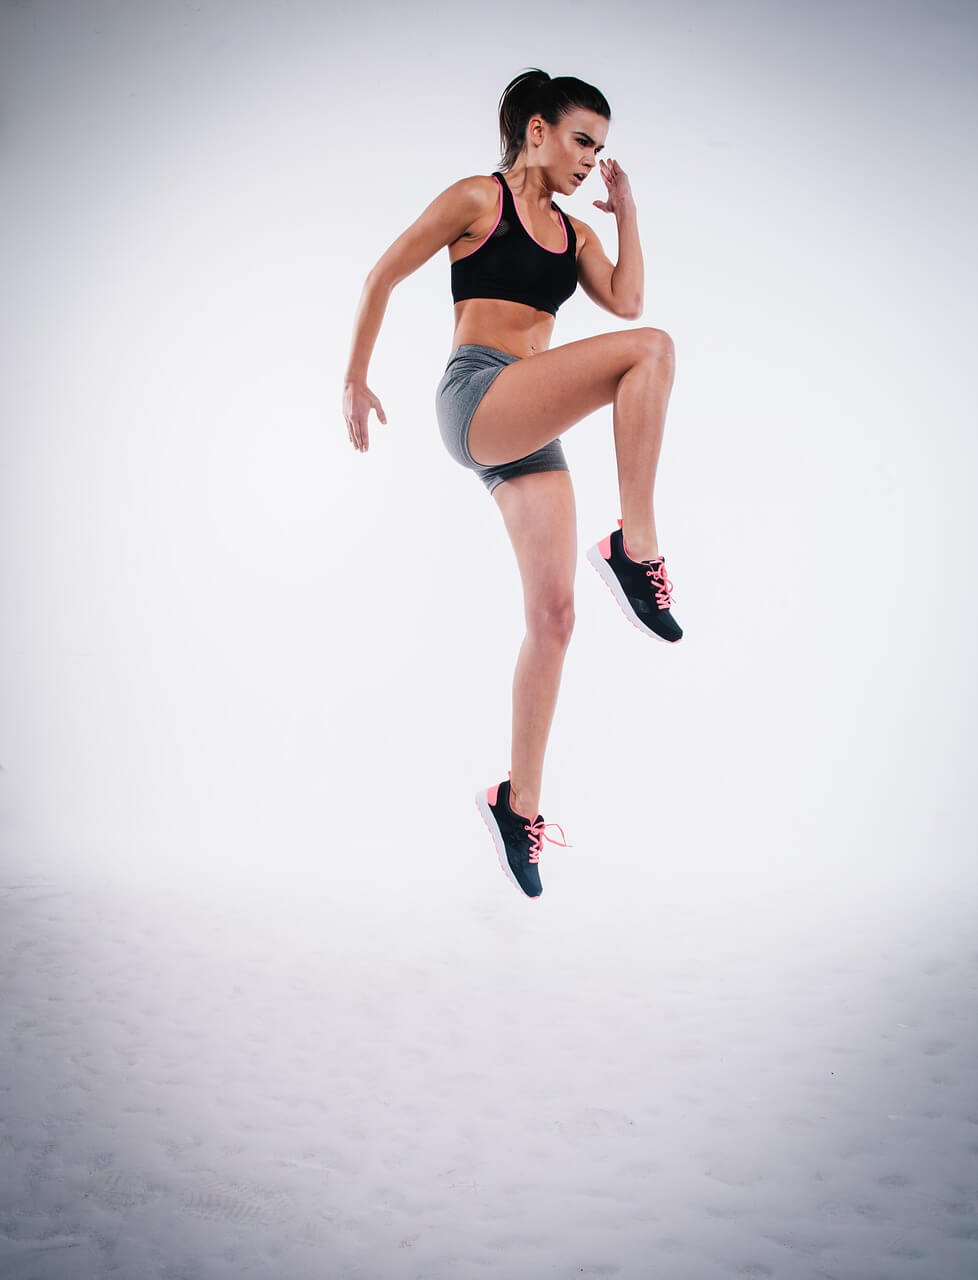 mujer en ropa de ejercicios brincando en una pierna